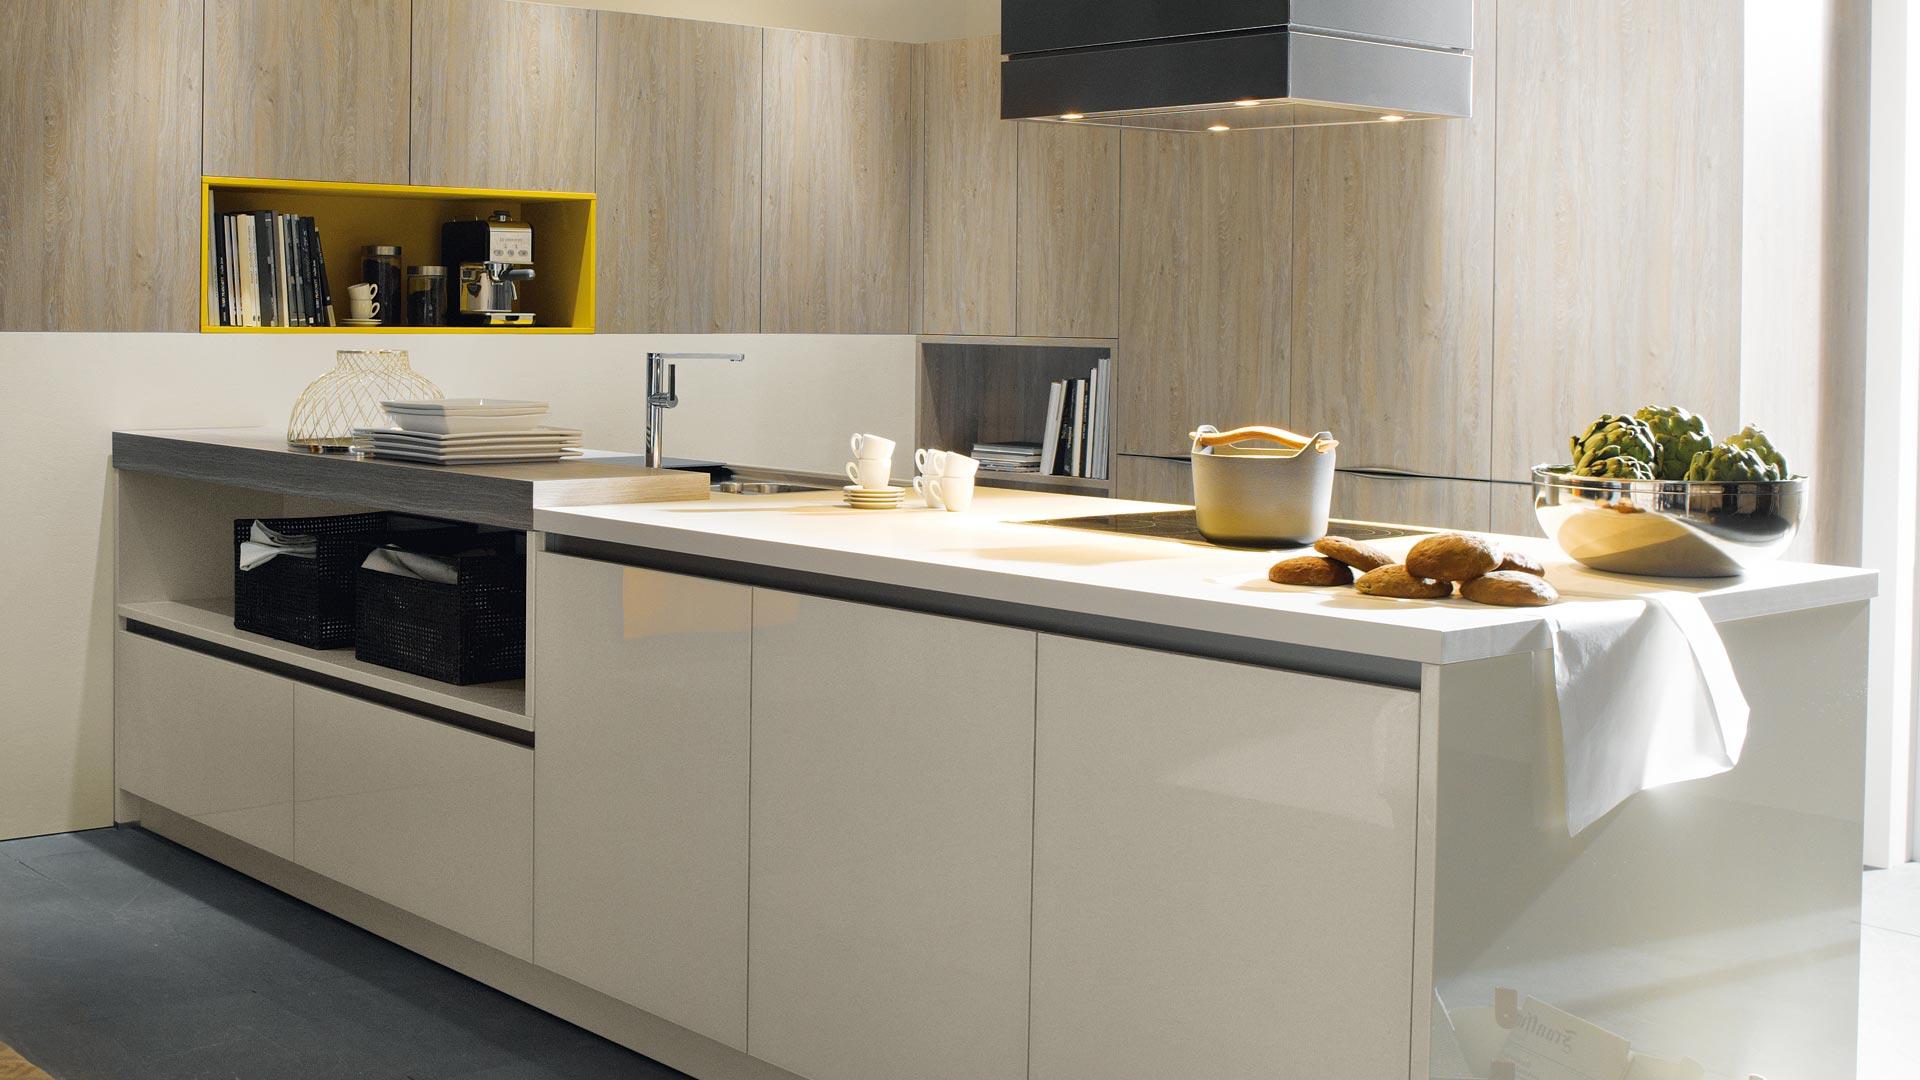 Schüller Küche | Jtleigh.com - Hausgestaltung Ideen